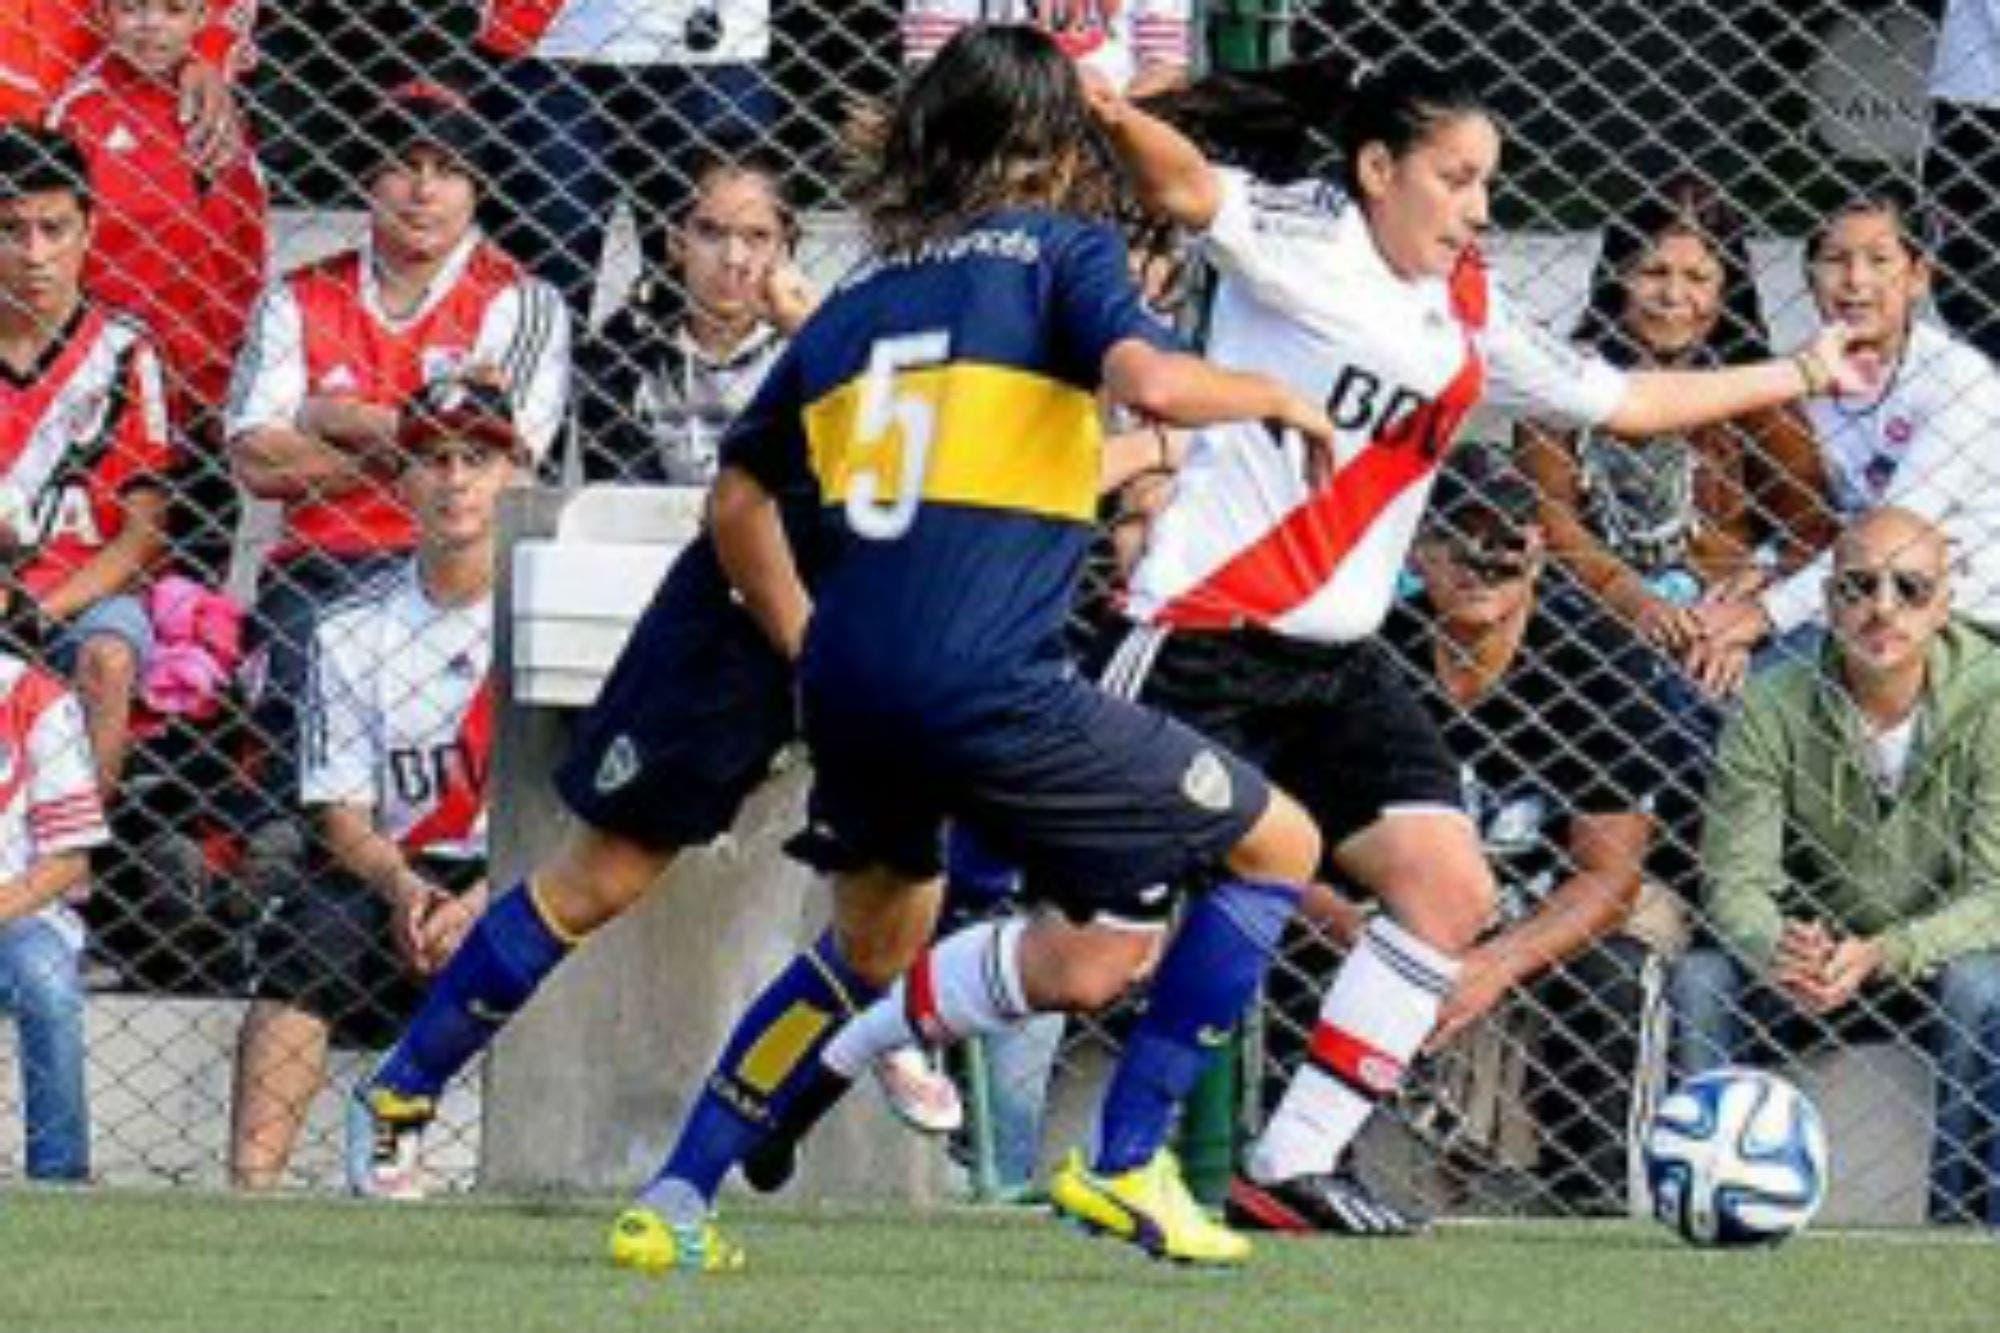 El primer torneo de fútbol femenino profesional comenzará con Boca-River en la Bombonera